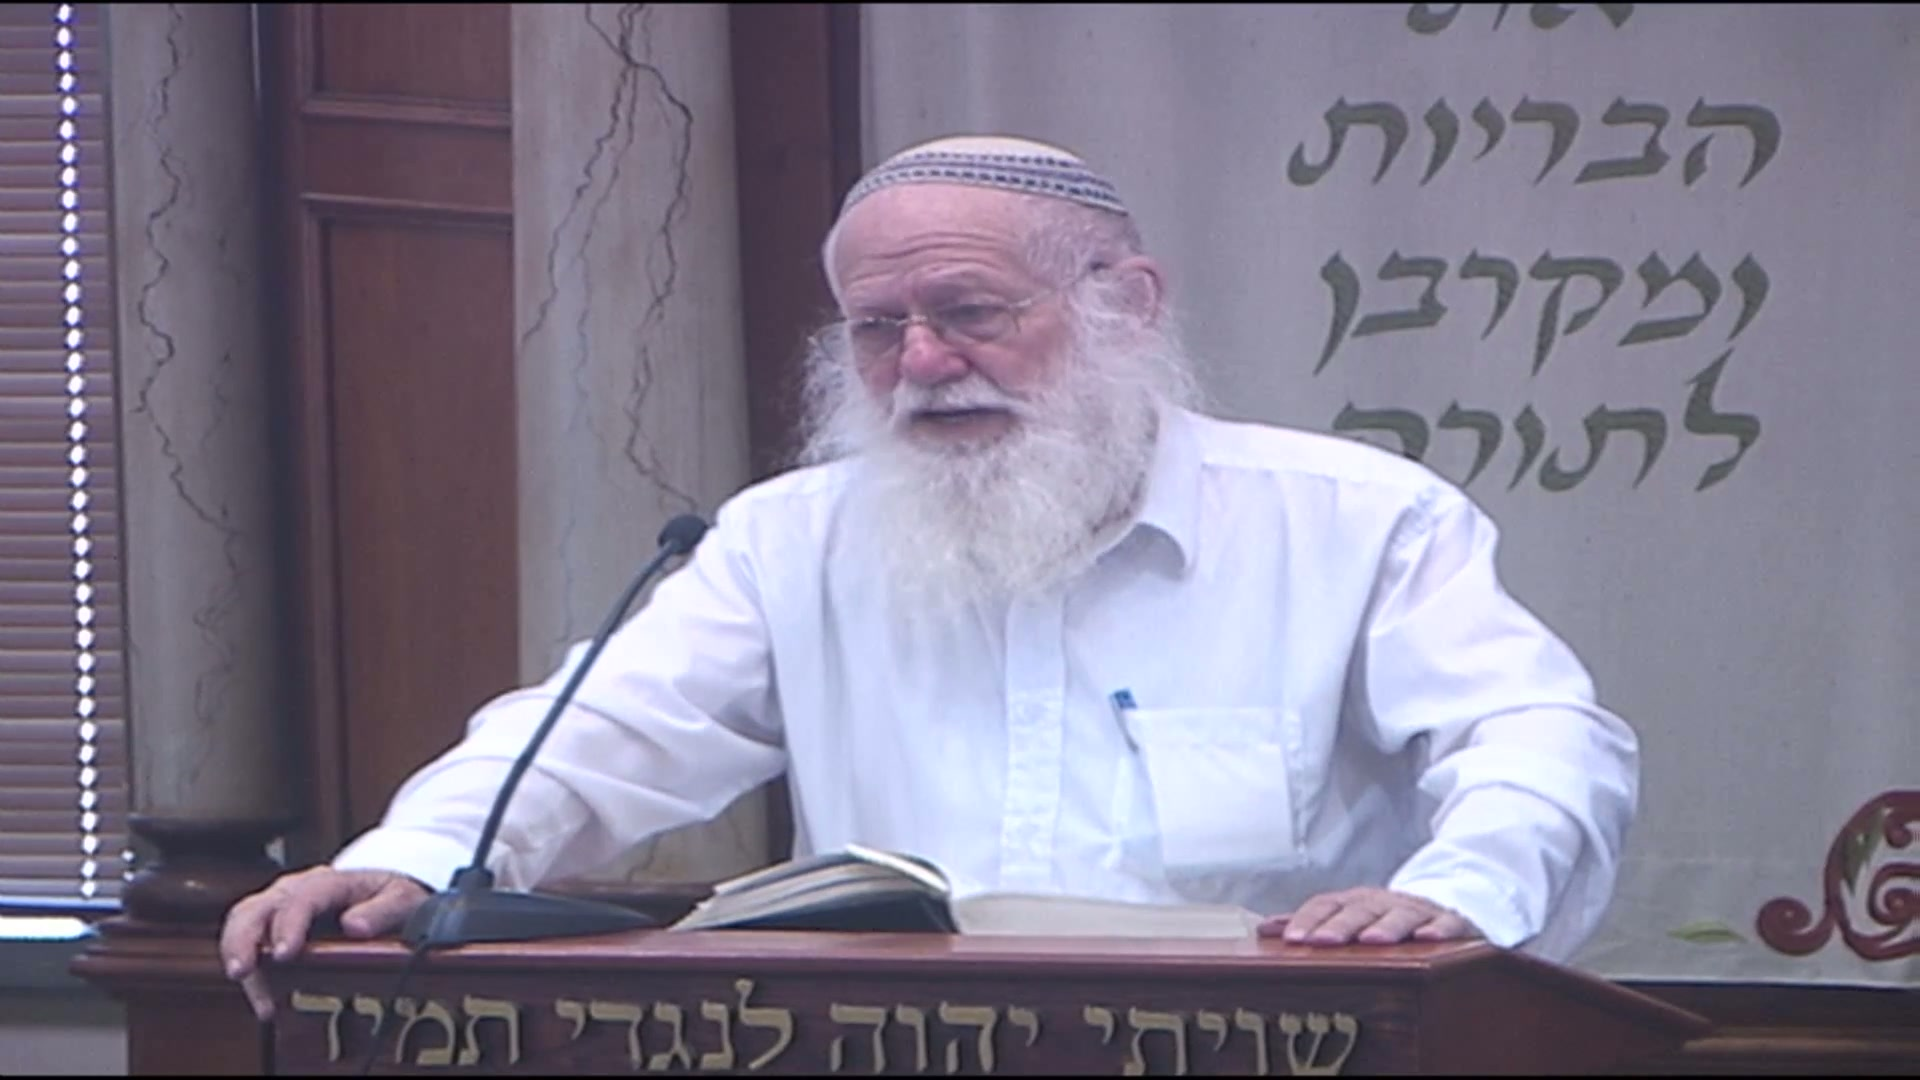 שחוק וקלות ראש בבית הכנסת הם דברים חמורים שעונשם גדול